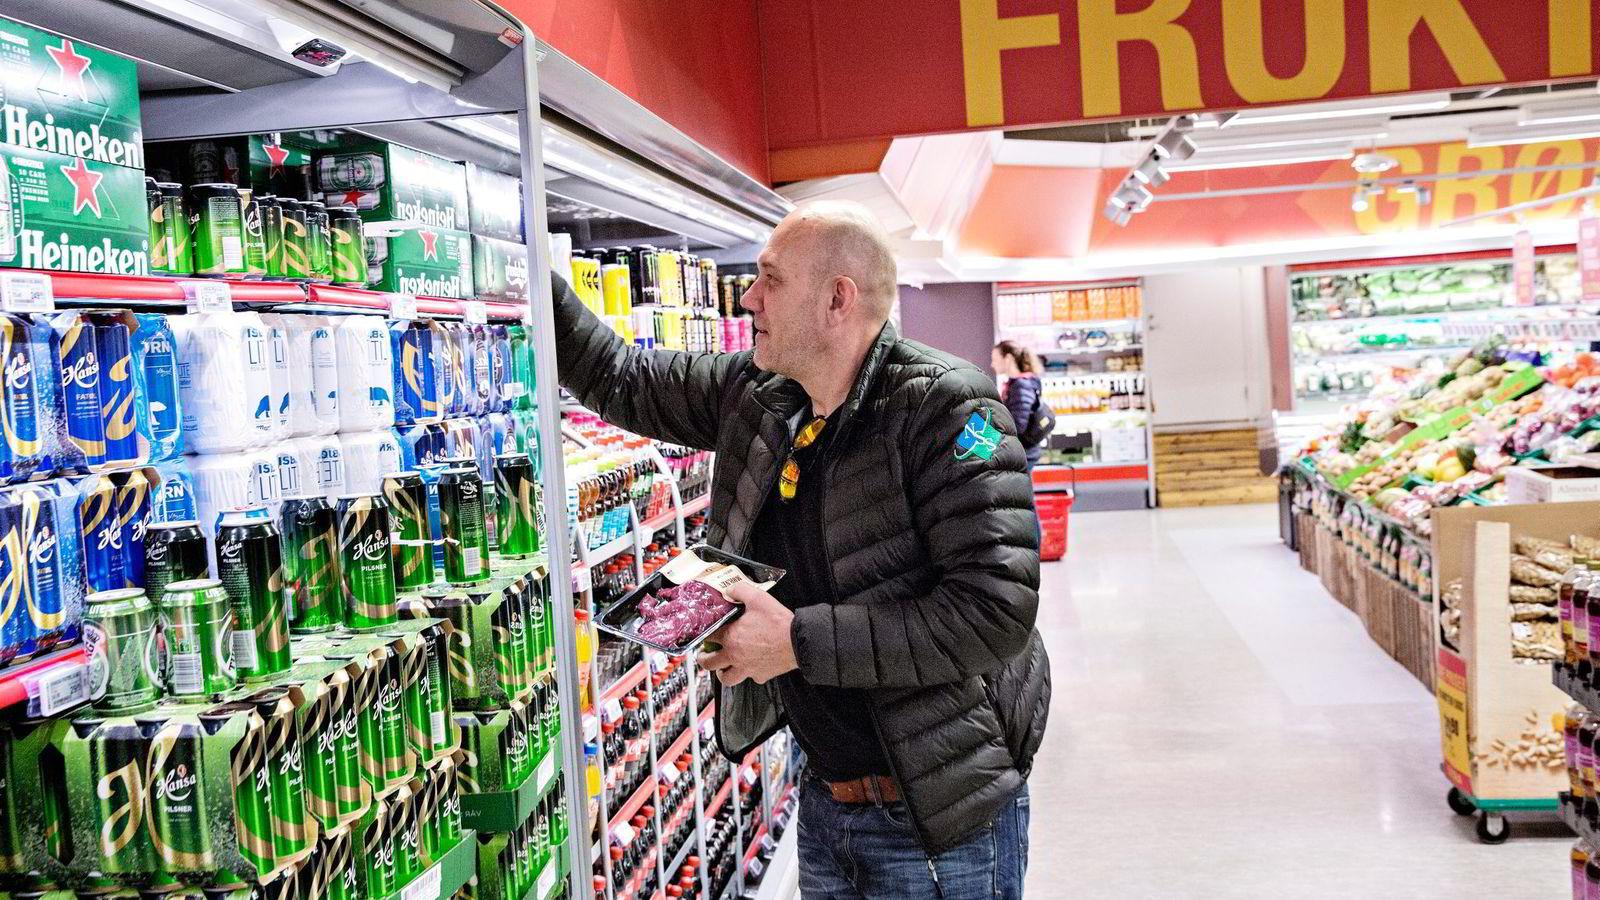 Kunde Alf Erlend Skeie (45) er ikke fornøyd med at Ica Supermarked ble erstattet med til Coops lavprissatsing Extra på Sagene i Oslo. Foto: Aleksander Nordahl